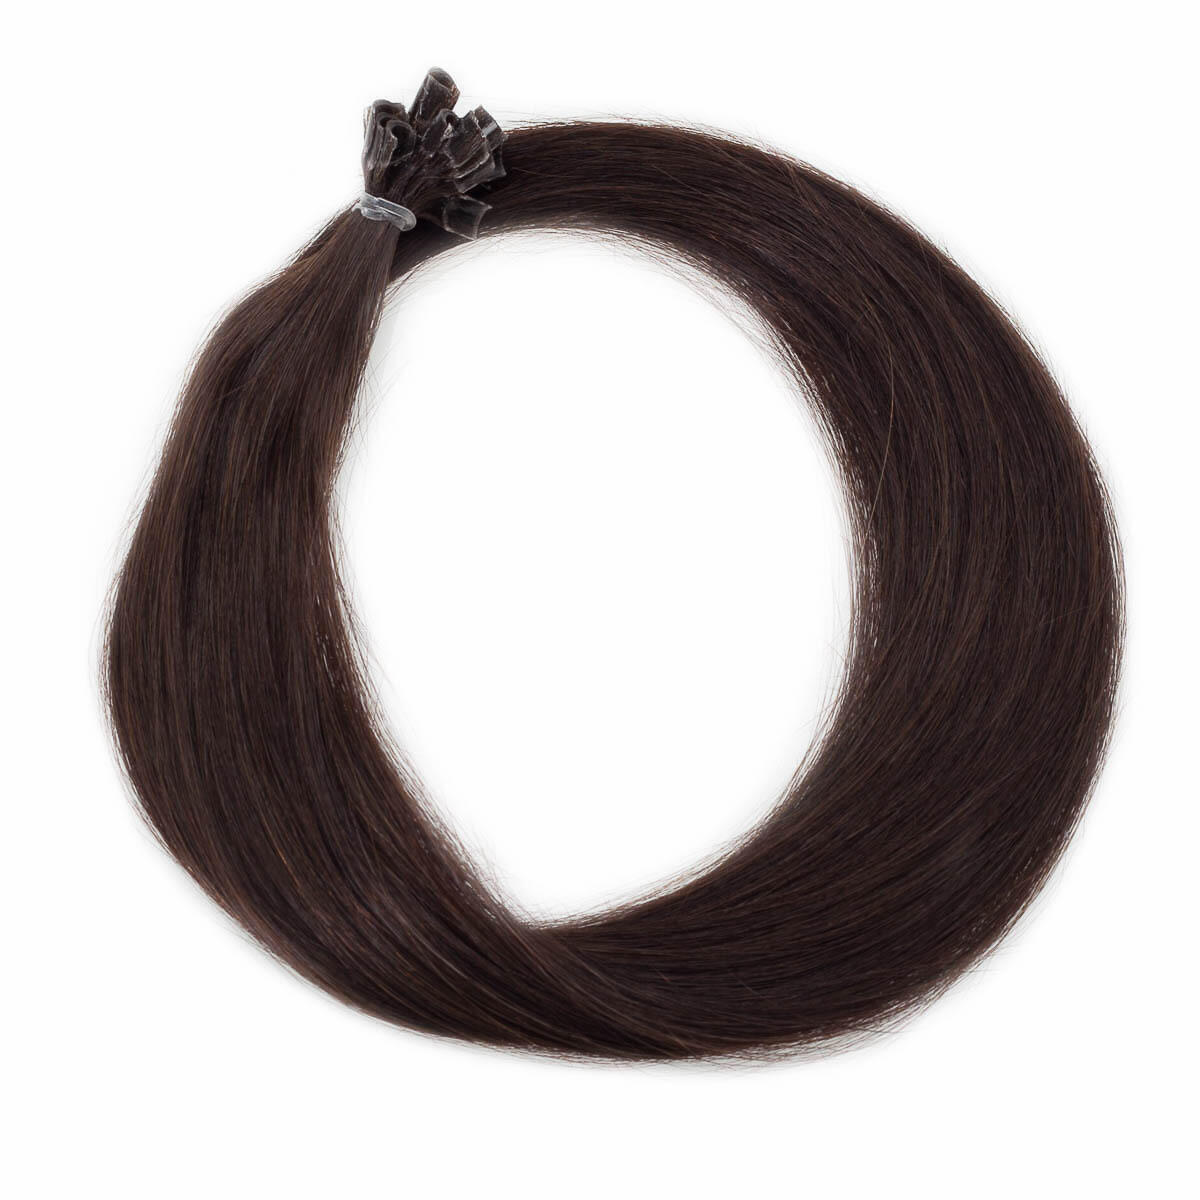 Nail Hair Premium 2.3 Chocolate Brown 60 cm